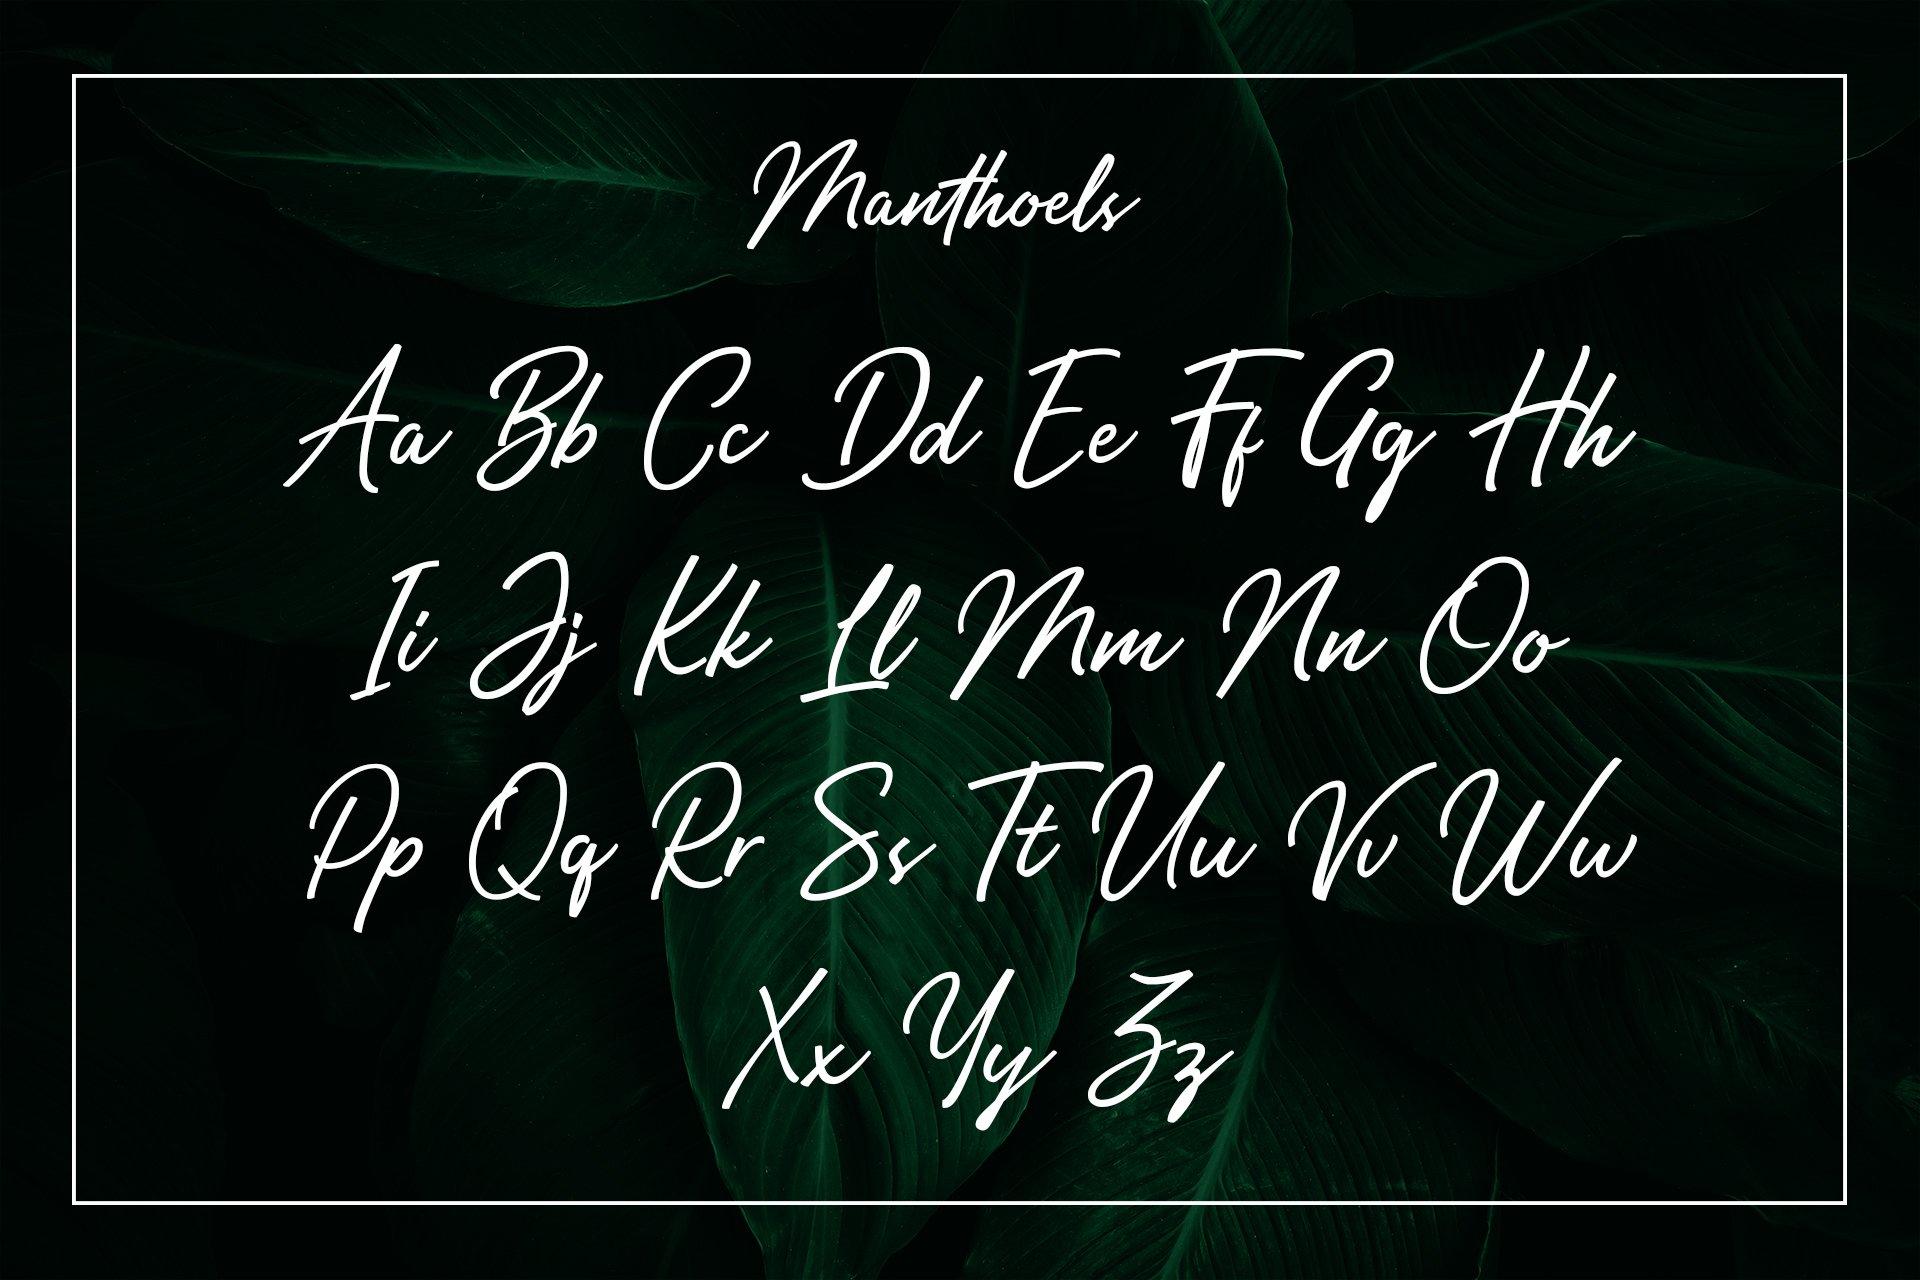 Manthoels - Stylish Signature example image 9